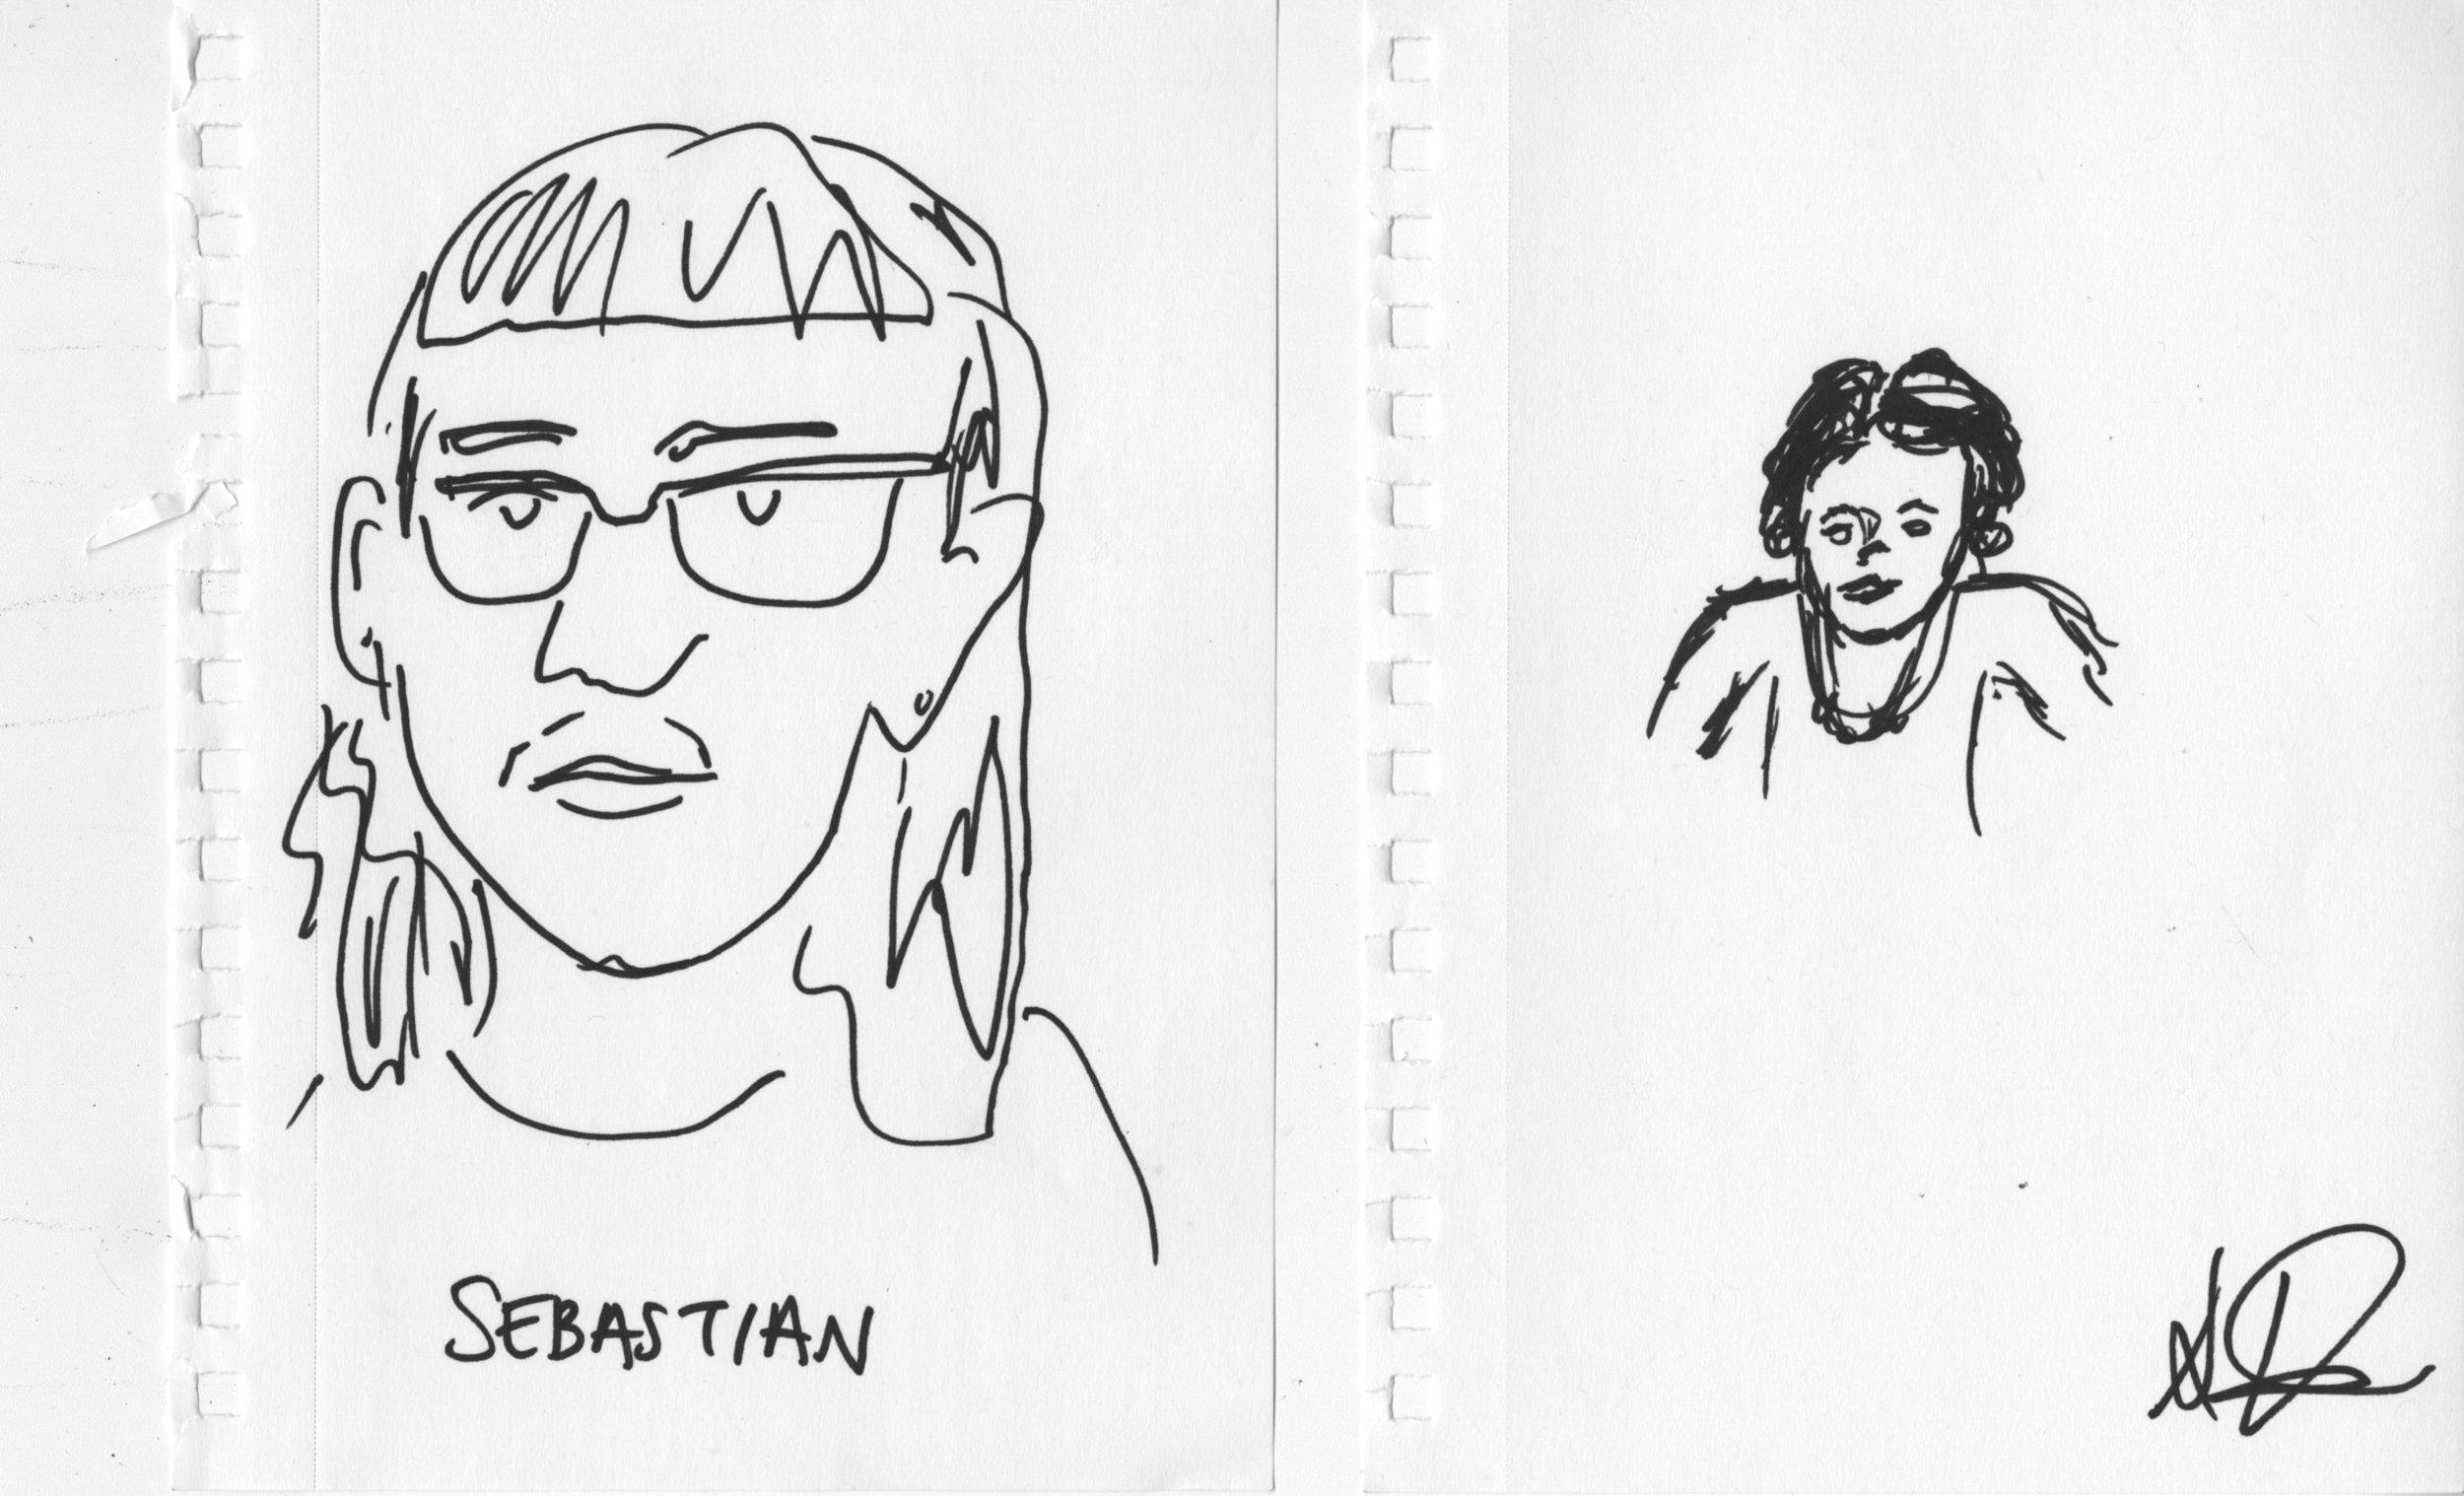 43_Sebastian_Sebastian.jpg